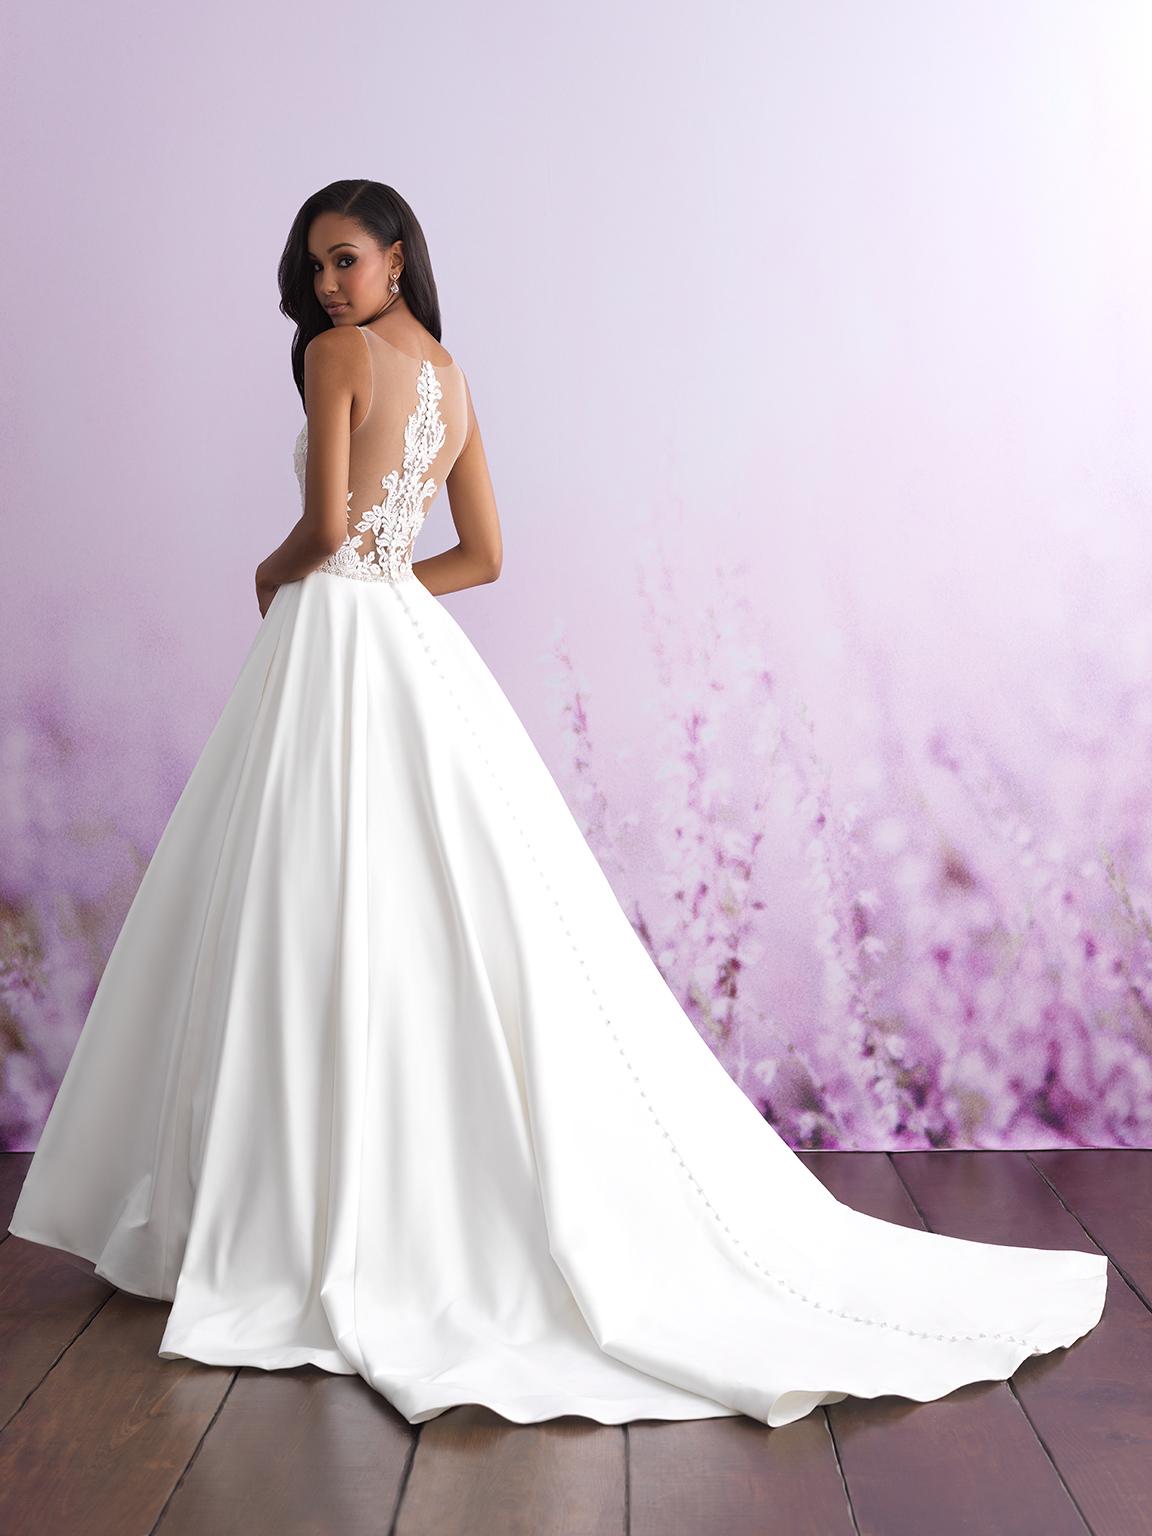 Bästa Tipsen På Hur Man Väljer Den Perfekta Aftonklänningen